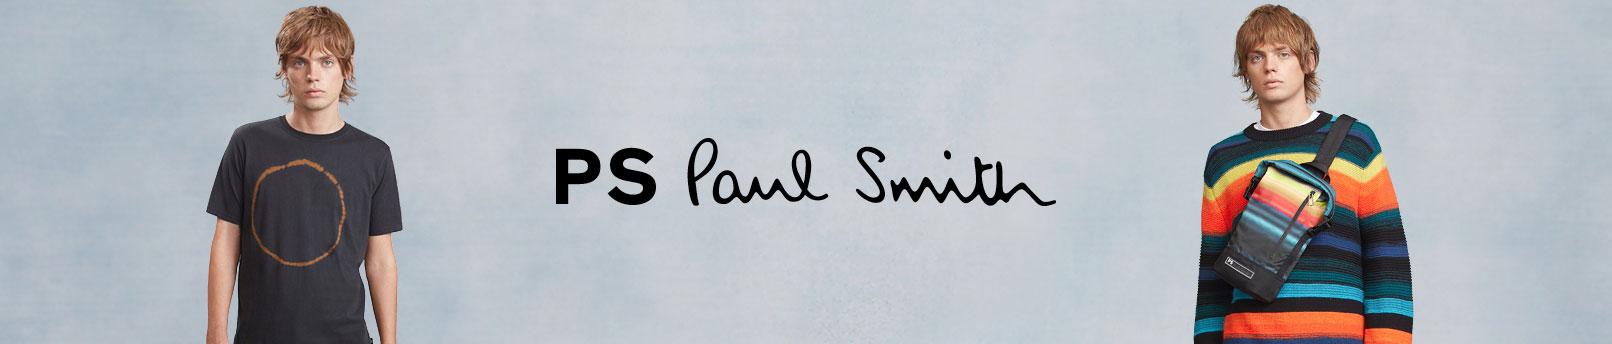 Découvrir PS Paul Smith